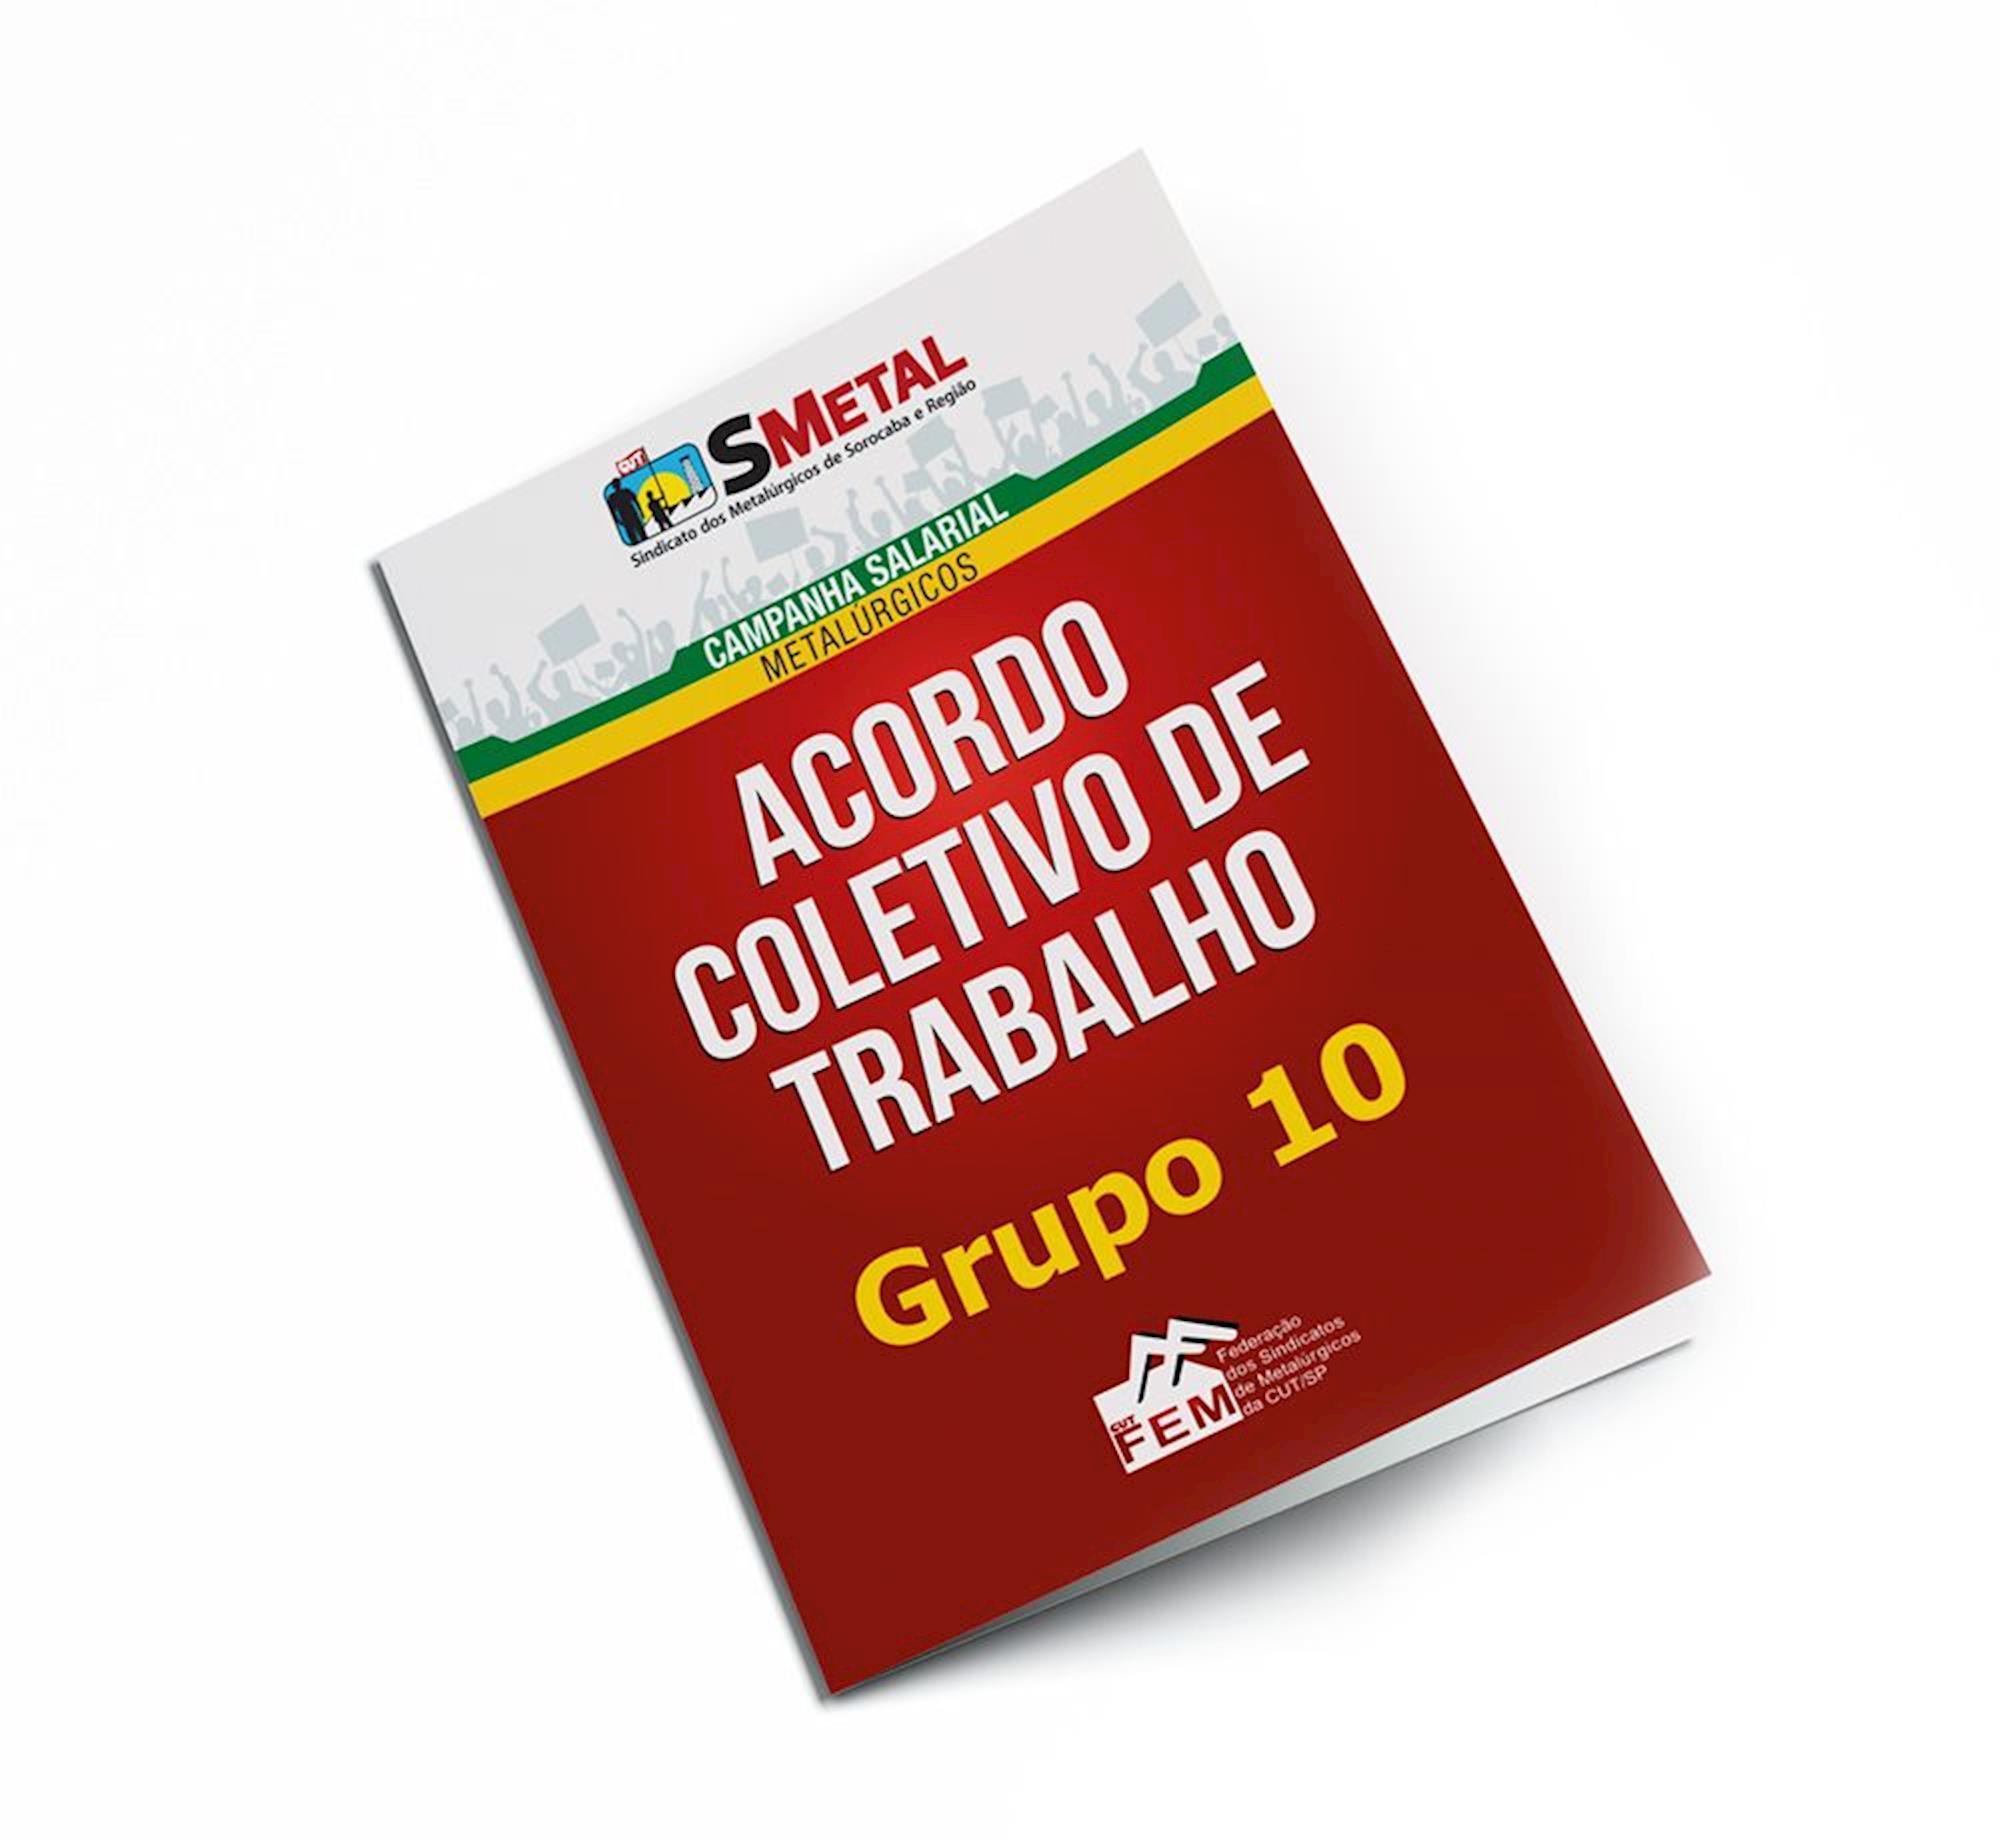 acordo, coletivo, trabalho, grupo 10, g10, Divulgação